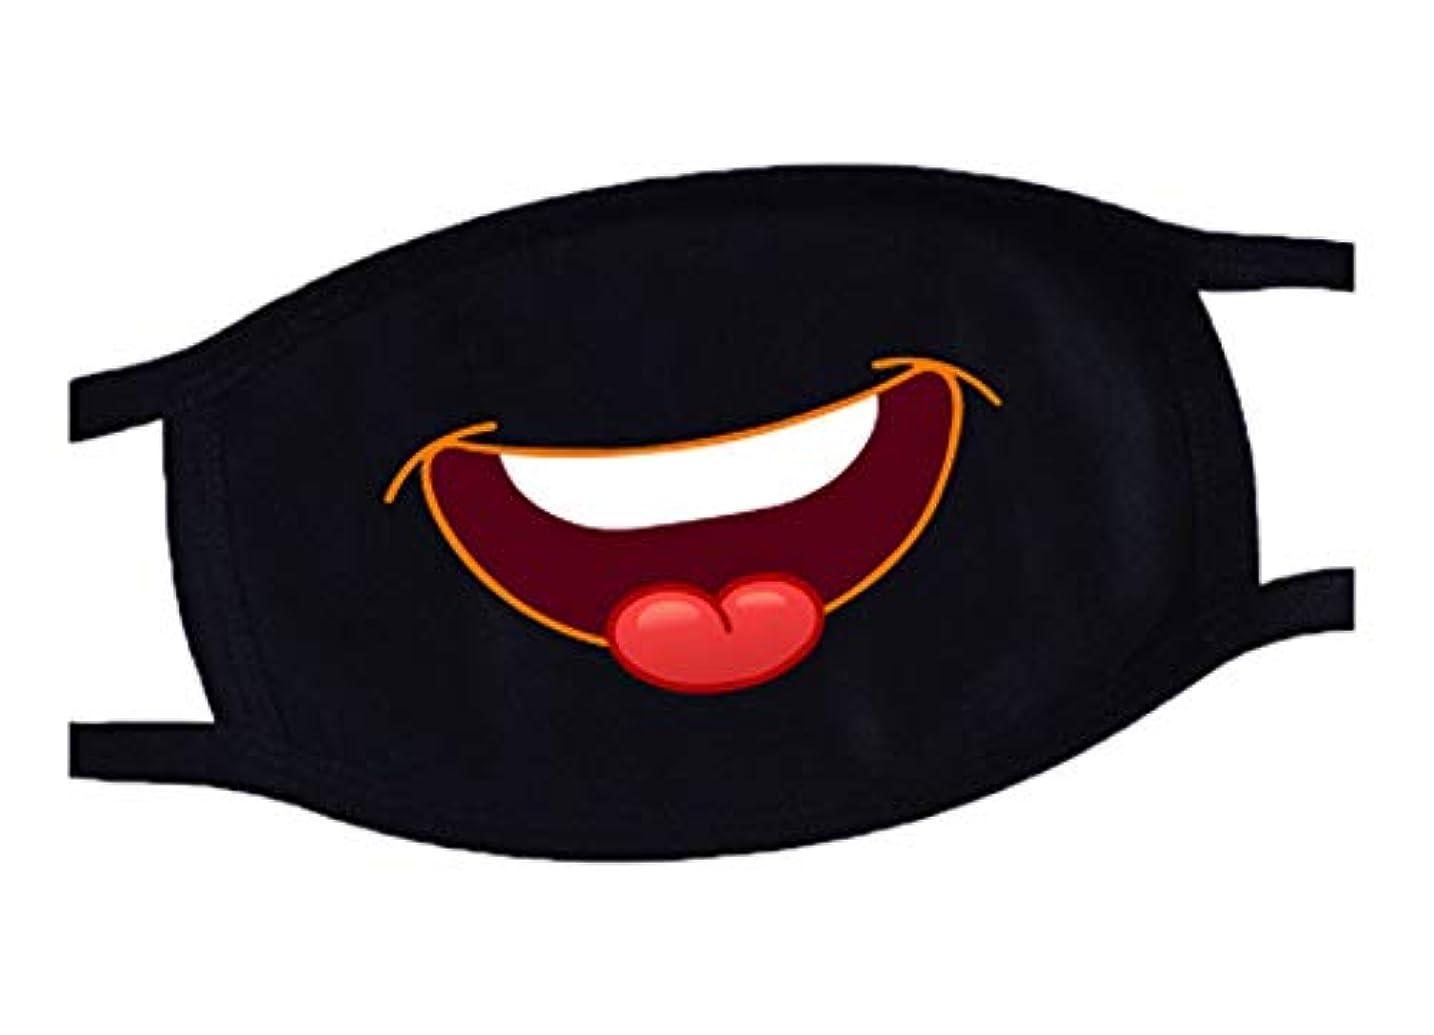 干渉するケープ発見ブラック面白い口のマスク、かわいいユニセックスの顔の口のマスク、ティーンズ、F1